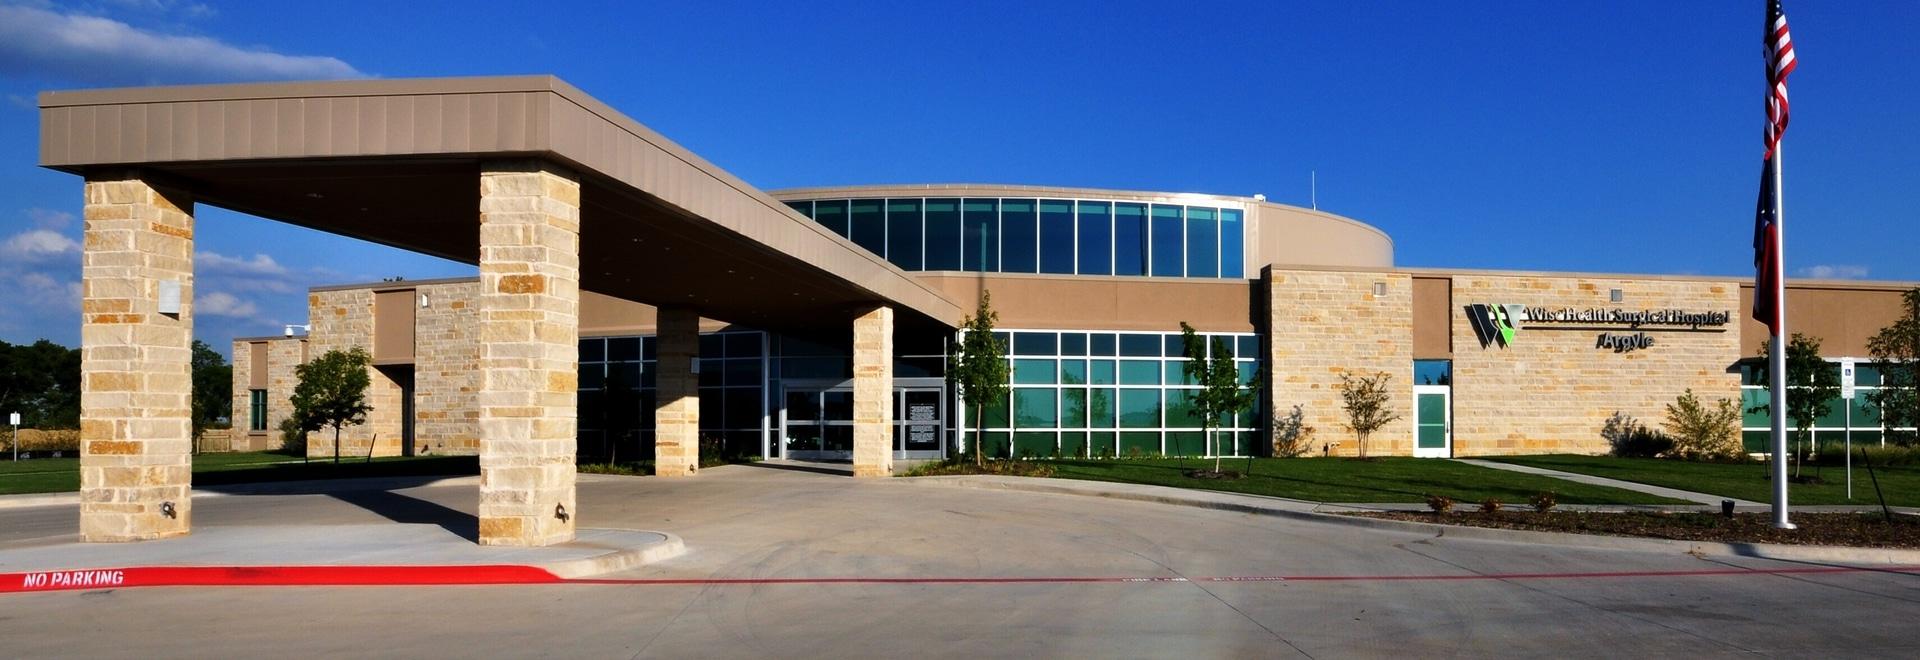 Le système sage de santé ouvre le nouvel hôpital chirurgical dans le Texas